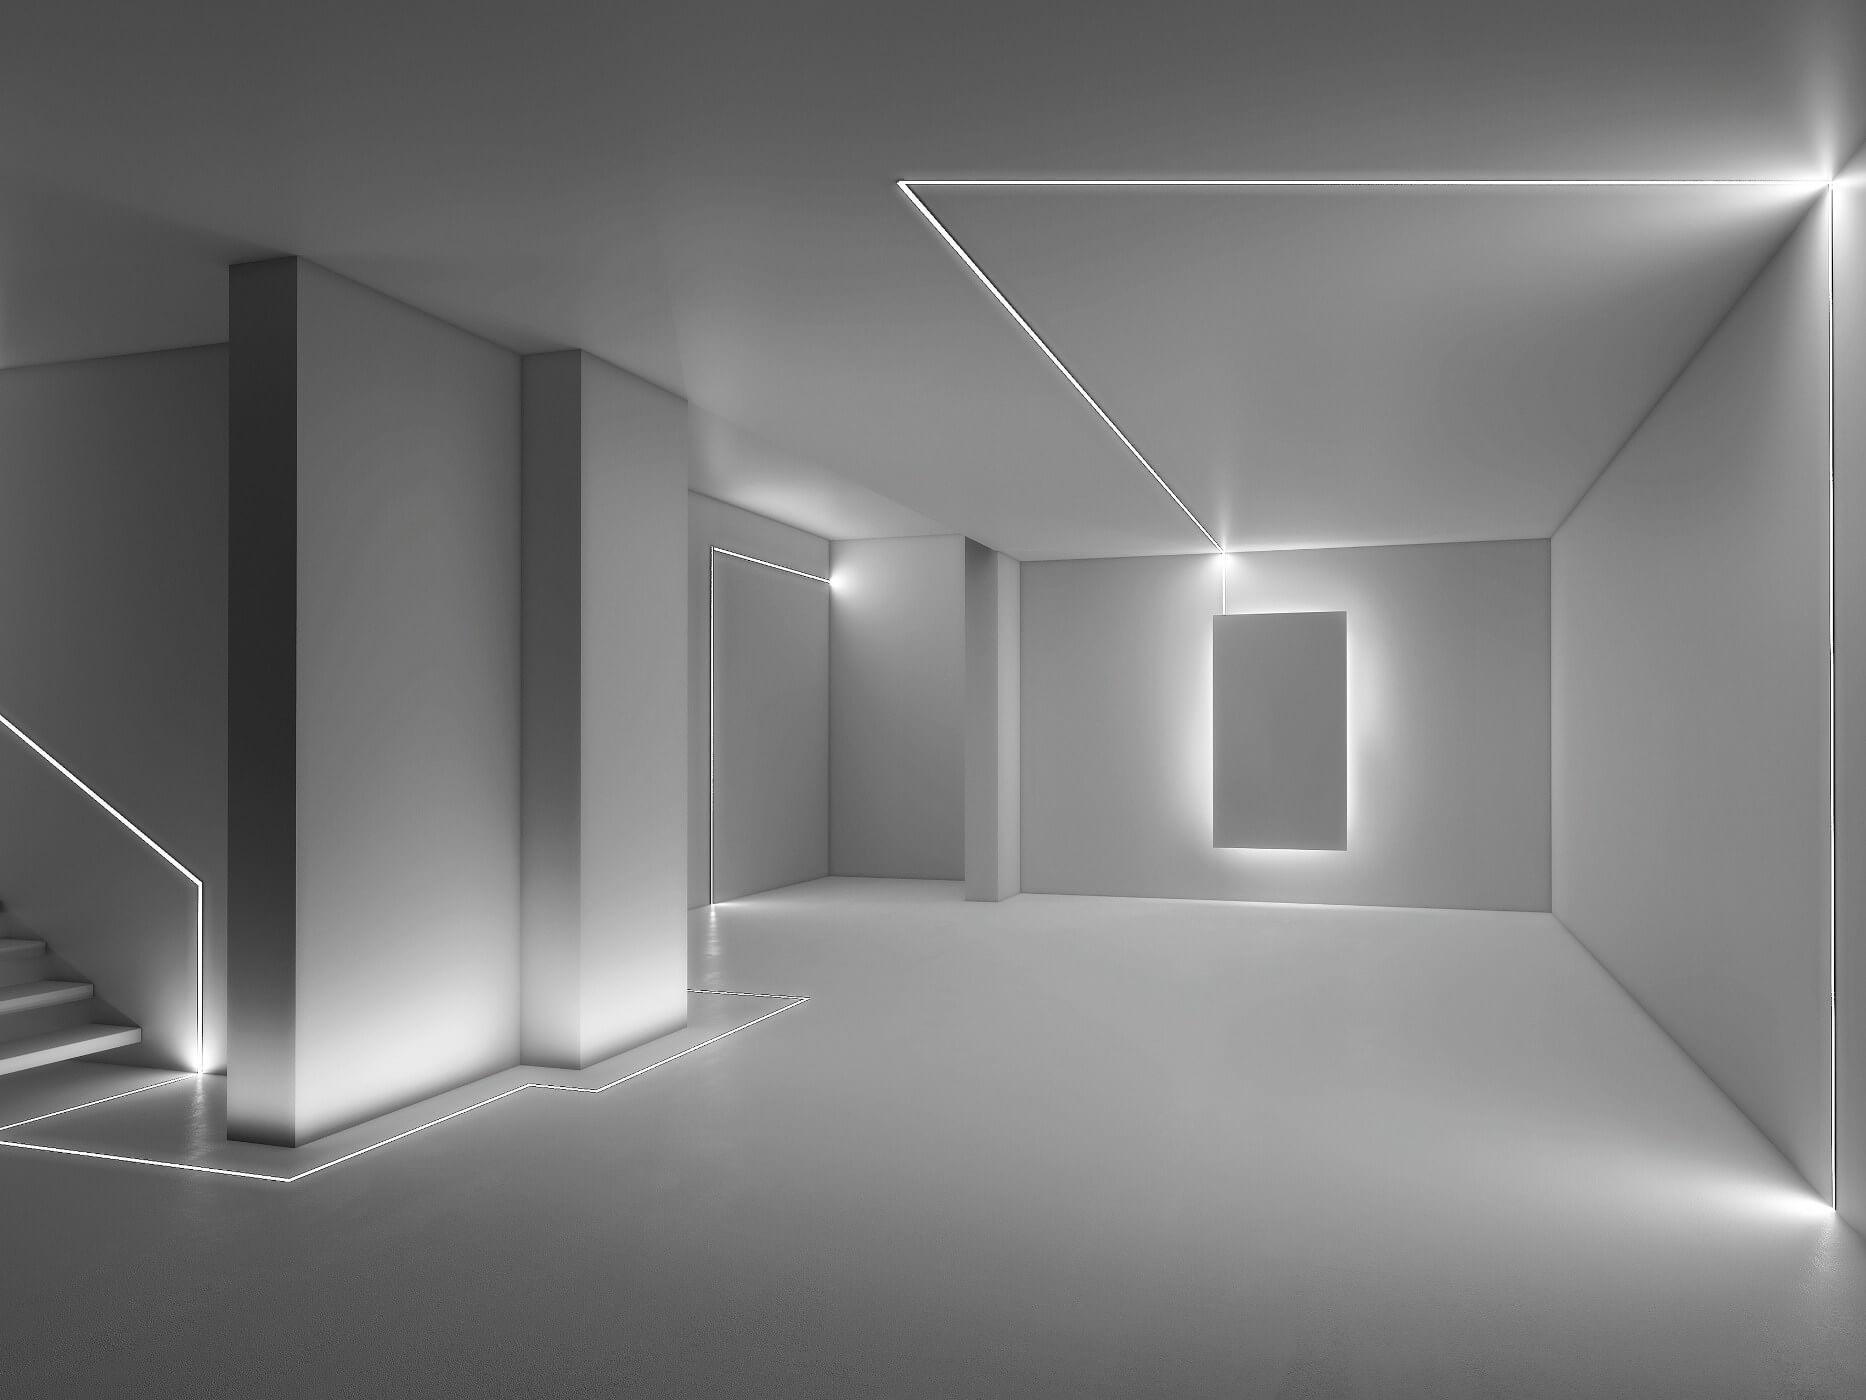 Strisce LED: Cosa sono, come montarle e come utilizzarle